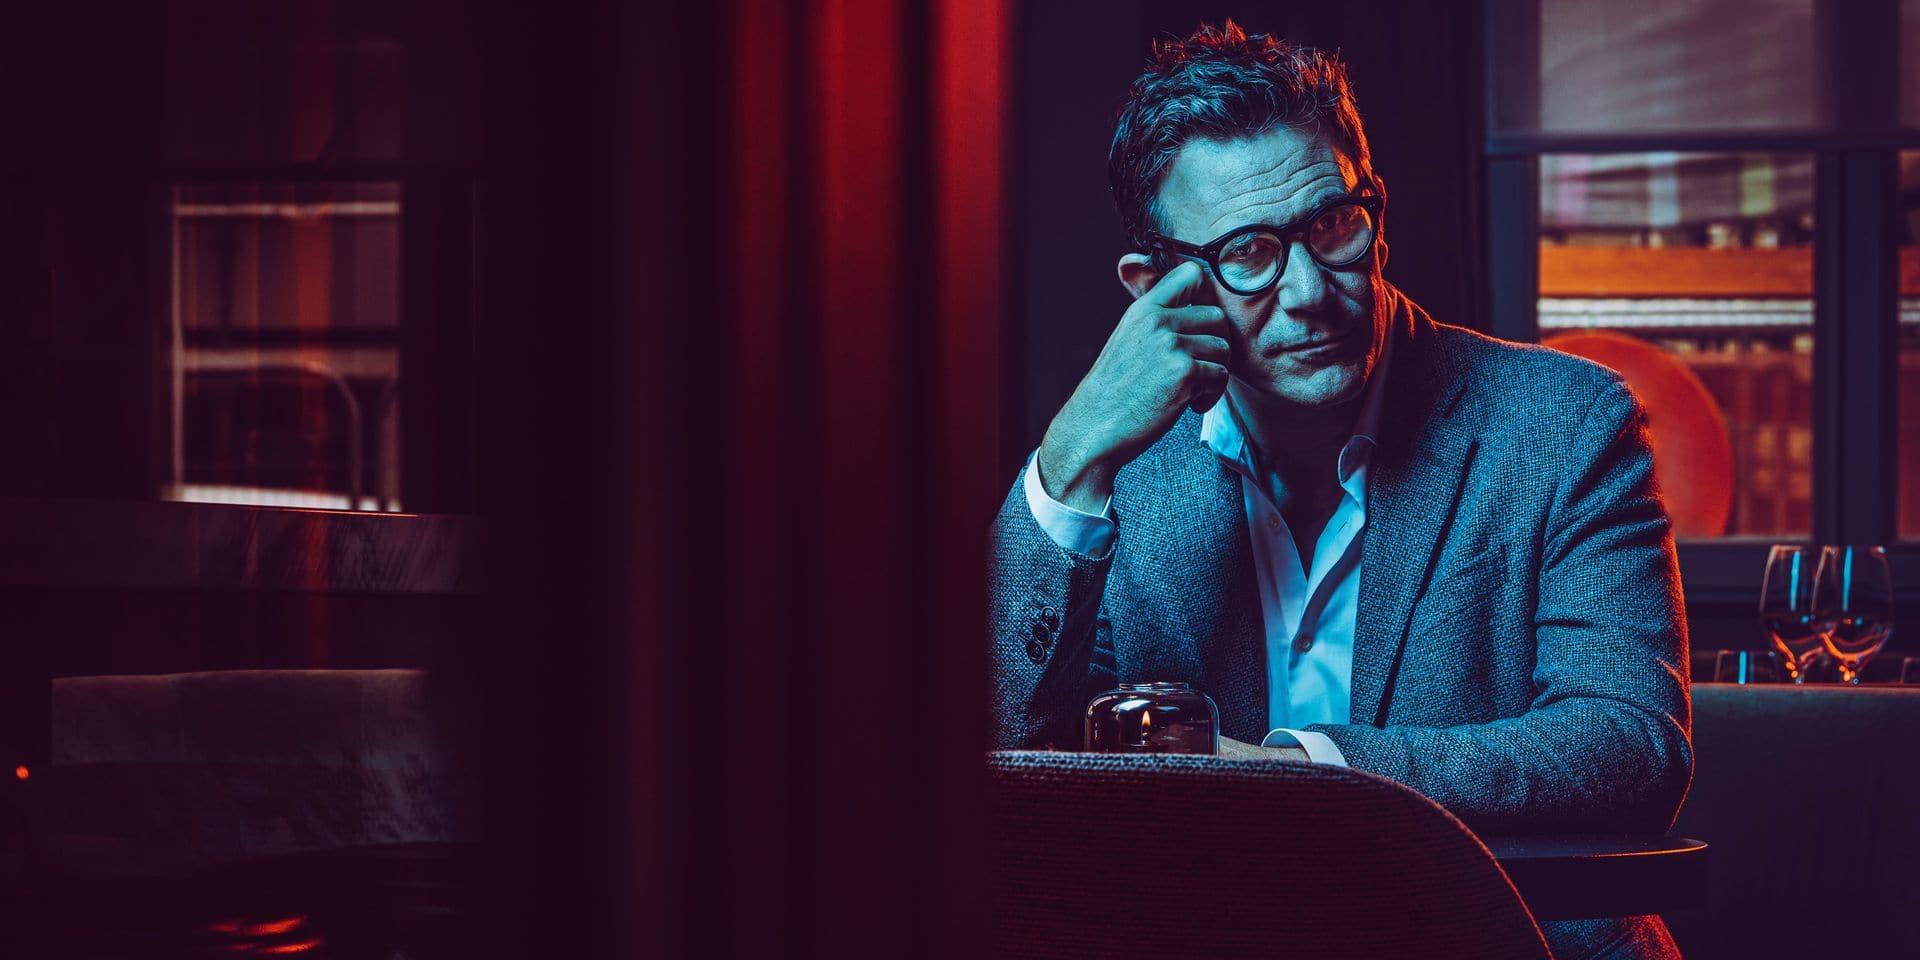 Michel Hazanavicius, un réalisateur atypique à la filmographie variée